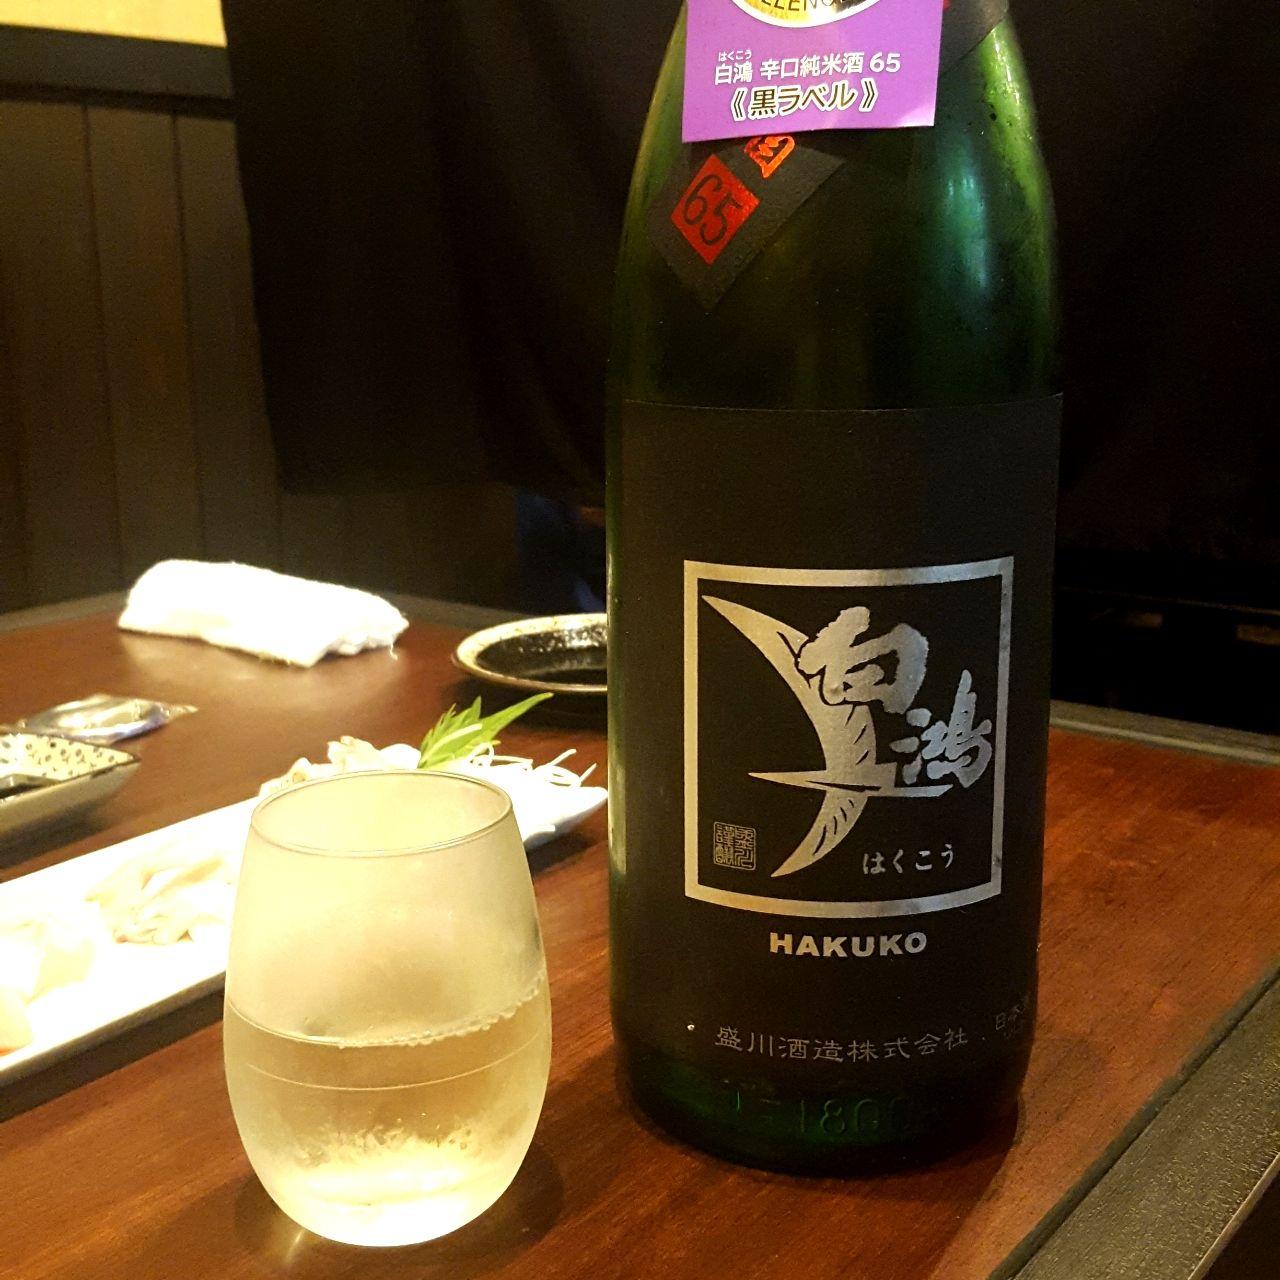 白鴻入門編と言えるお酒